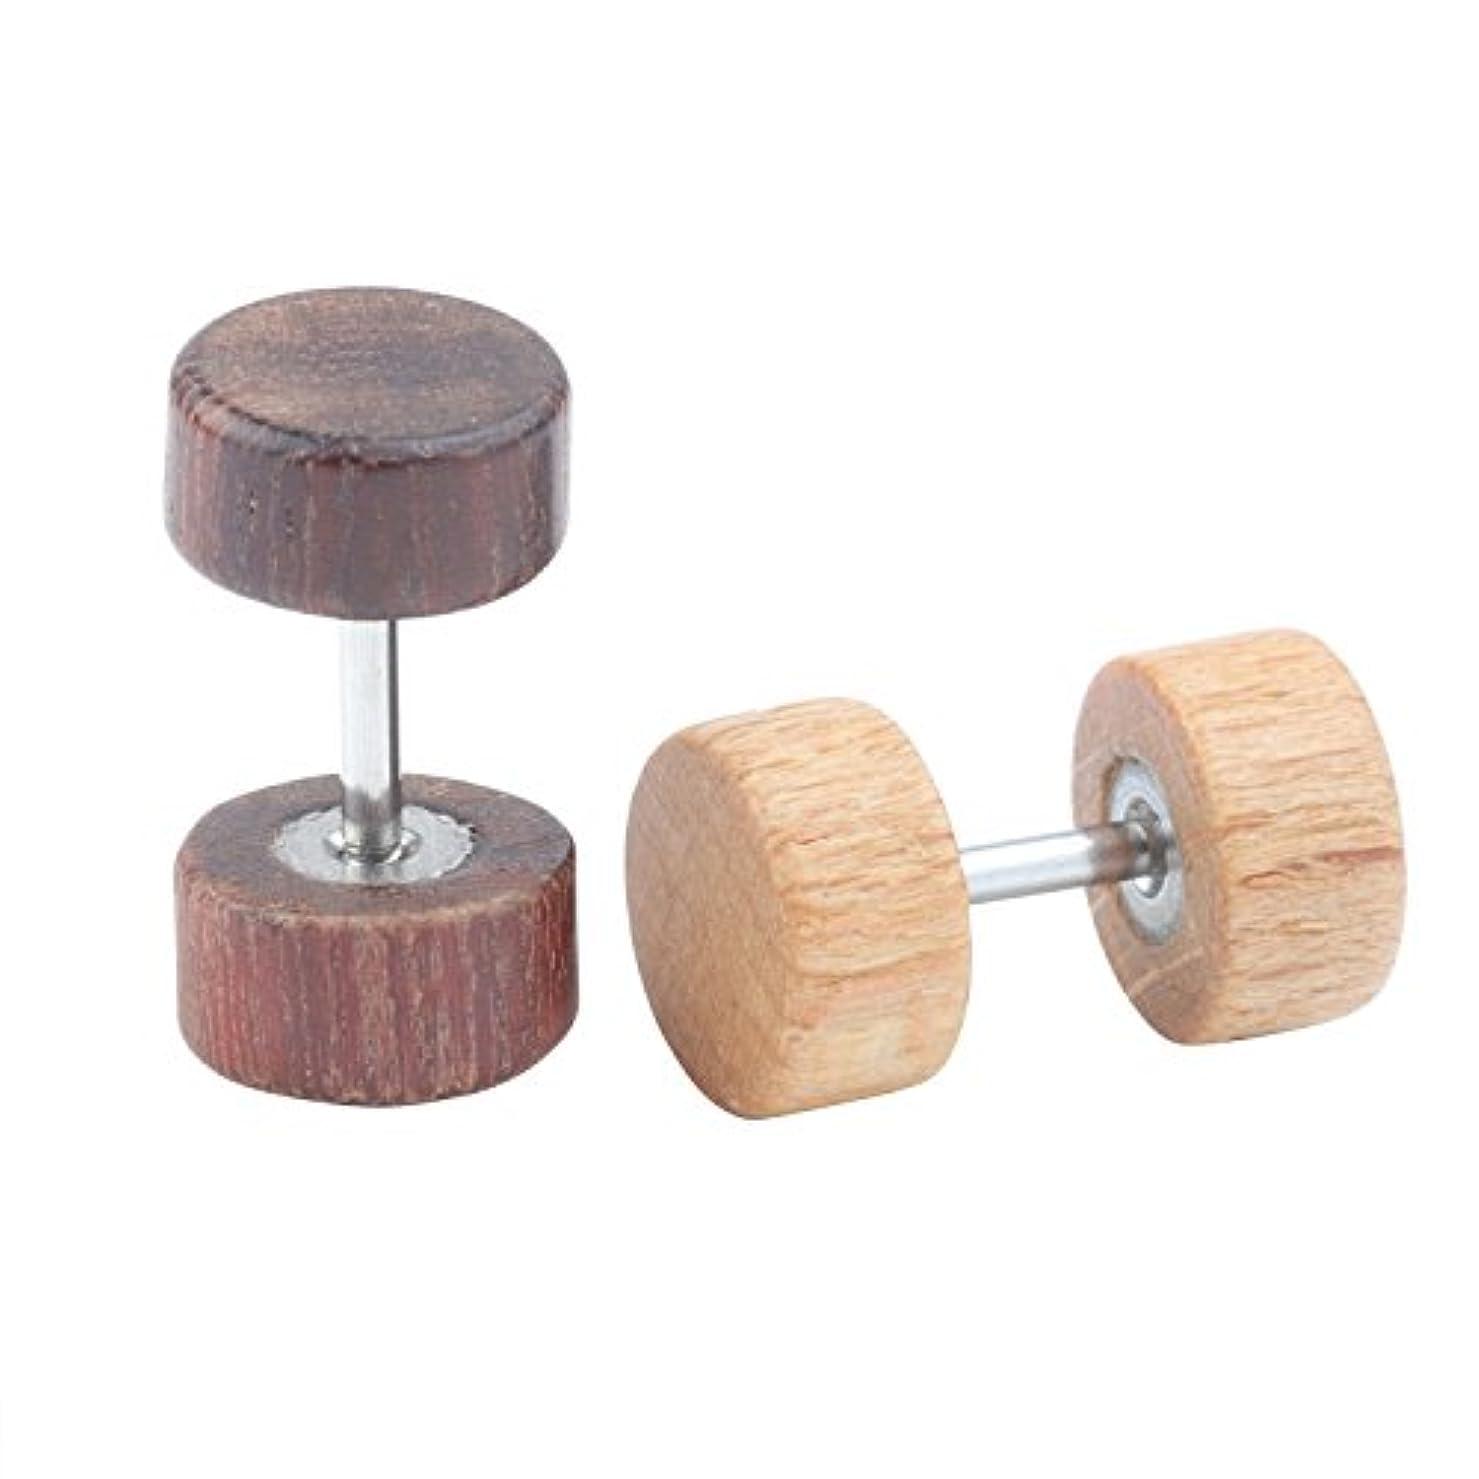 協同ようこそアブストラクトユニセックスイヤリングスタッド木製チータープラグスタッドイヤリングメンズボーイズ低刺激性 ブラック 170815yan-97-5